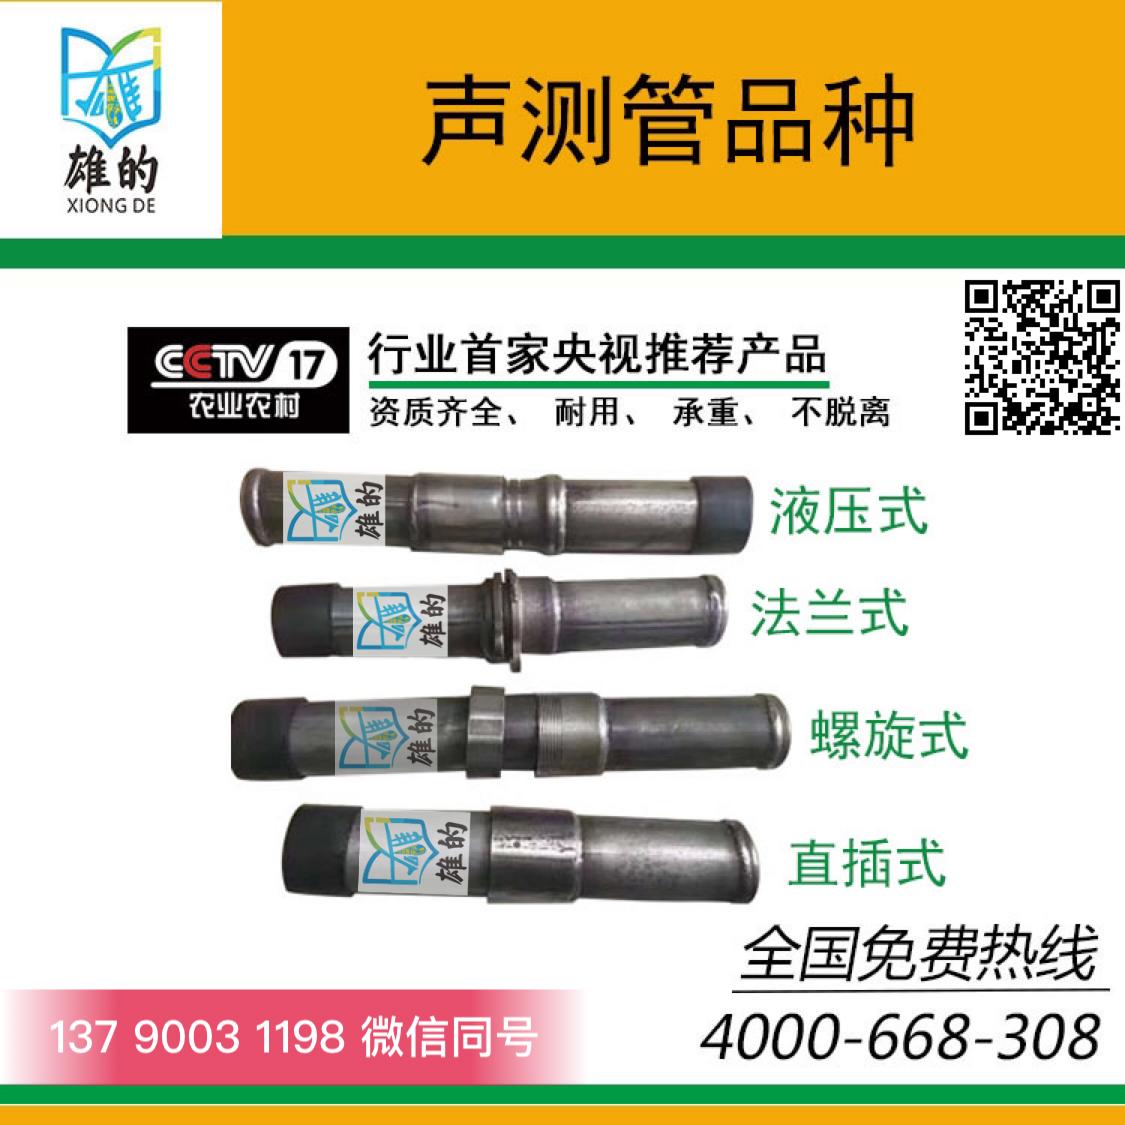 直插式声测管供应商报价、价钱、价格、直销【广东雄的建材有限公司】